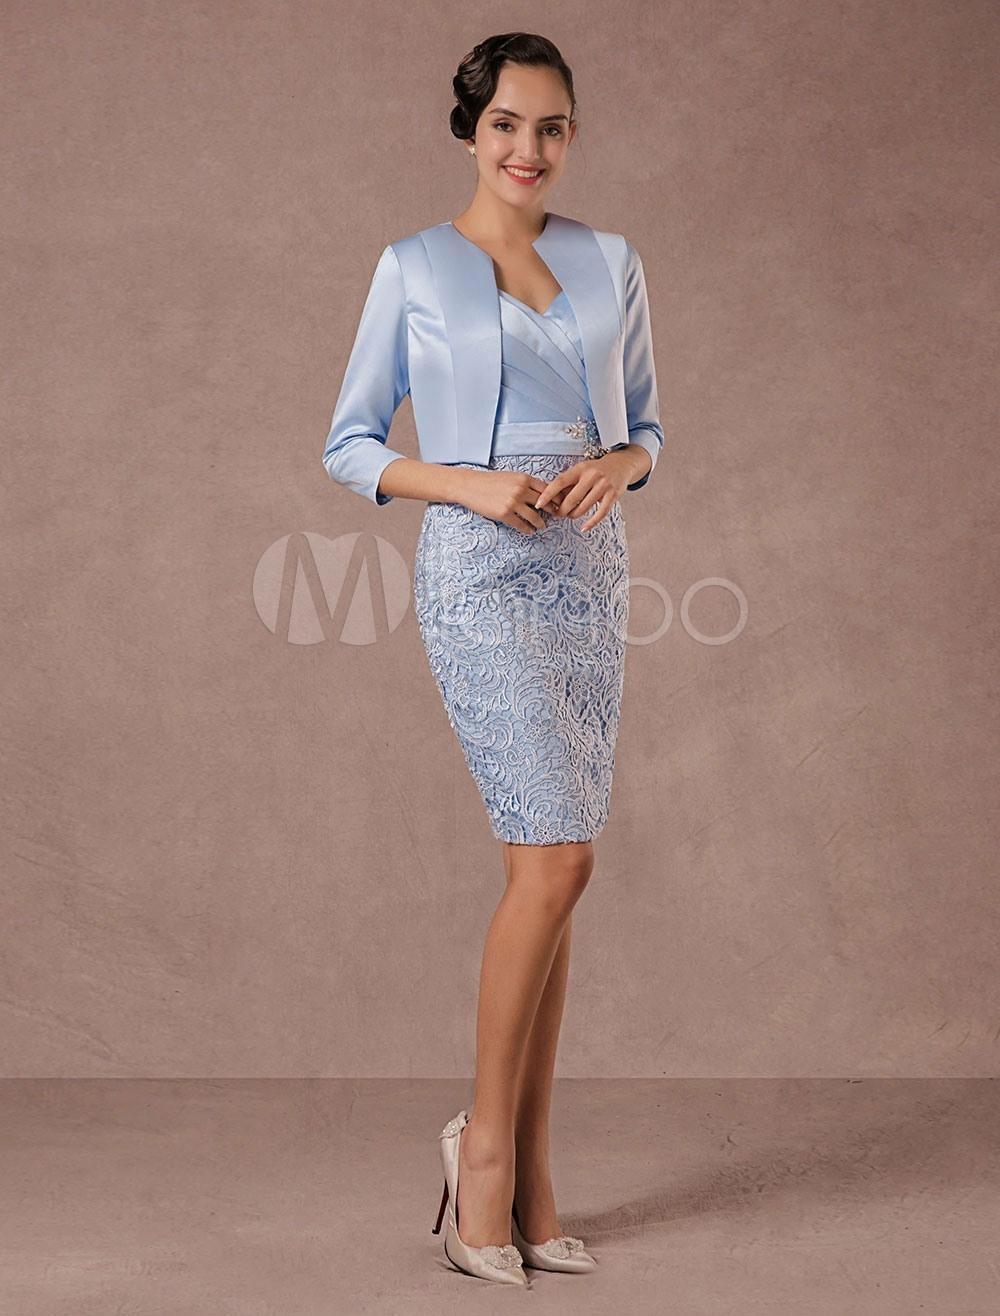 20 Perfekt Sommerkleider Für Hochzeit Design15 Großartig Sommerkleider Für Hochzeit Boutique